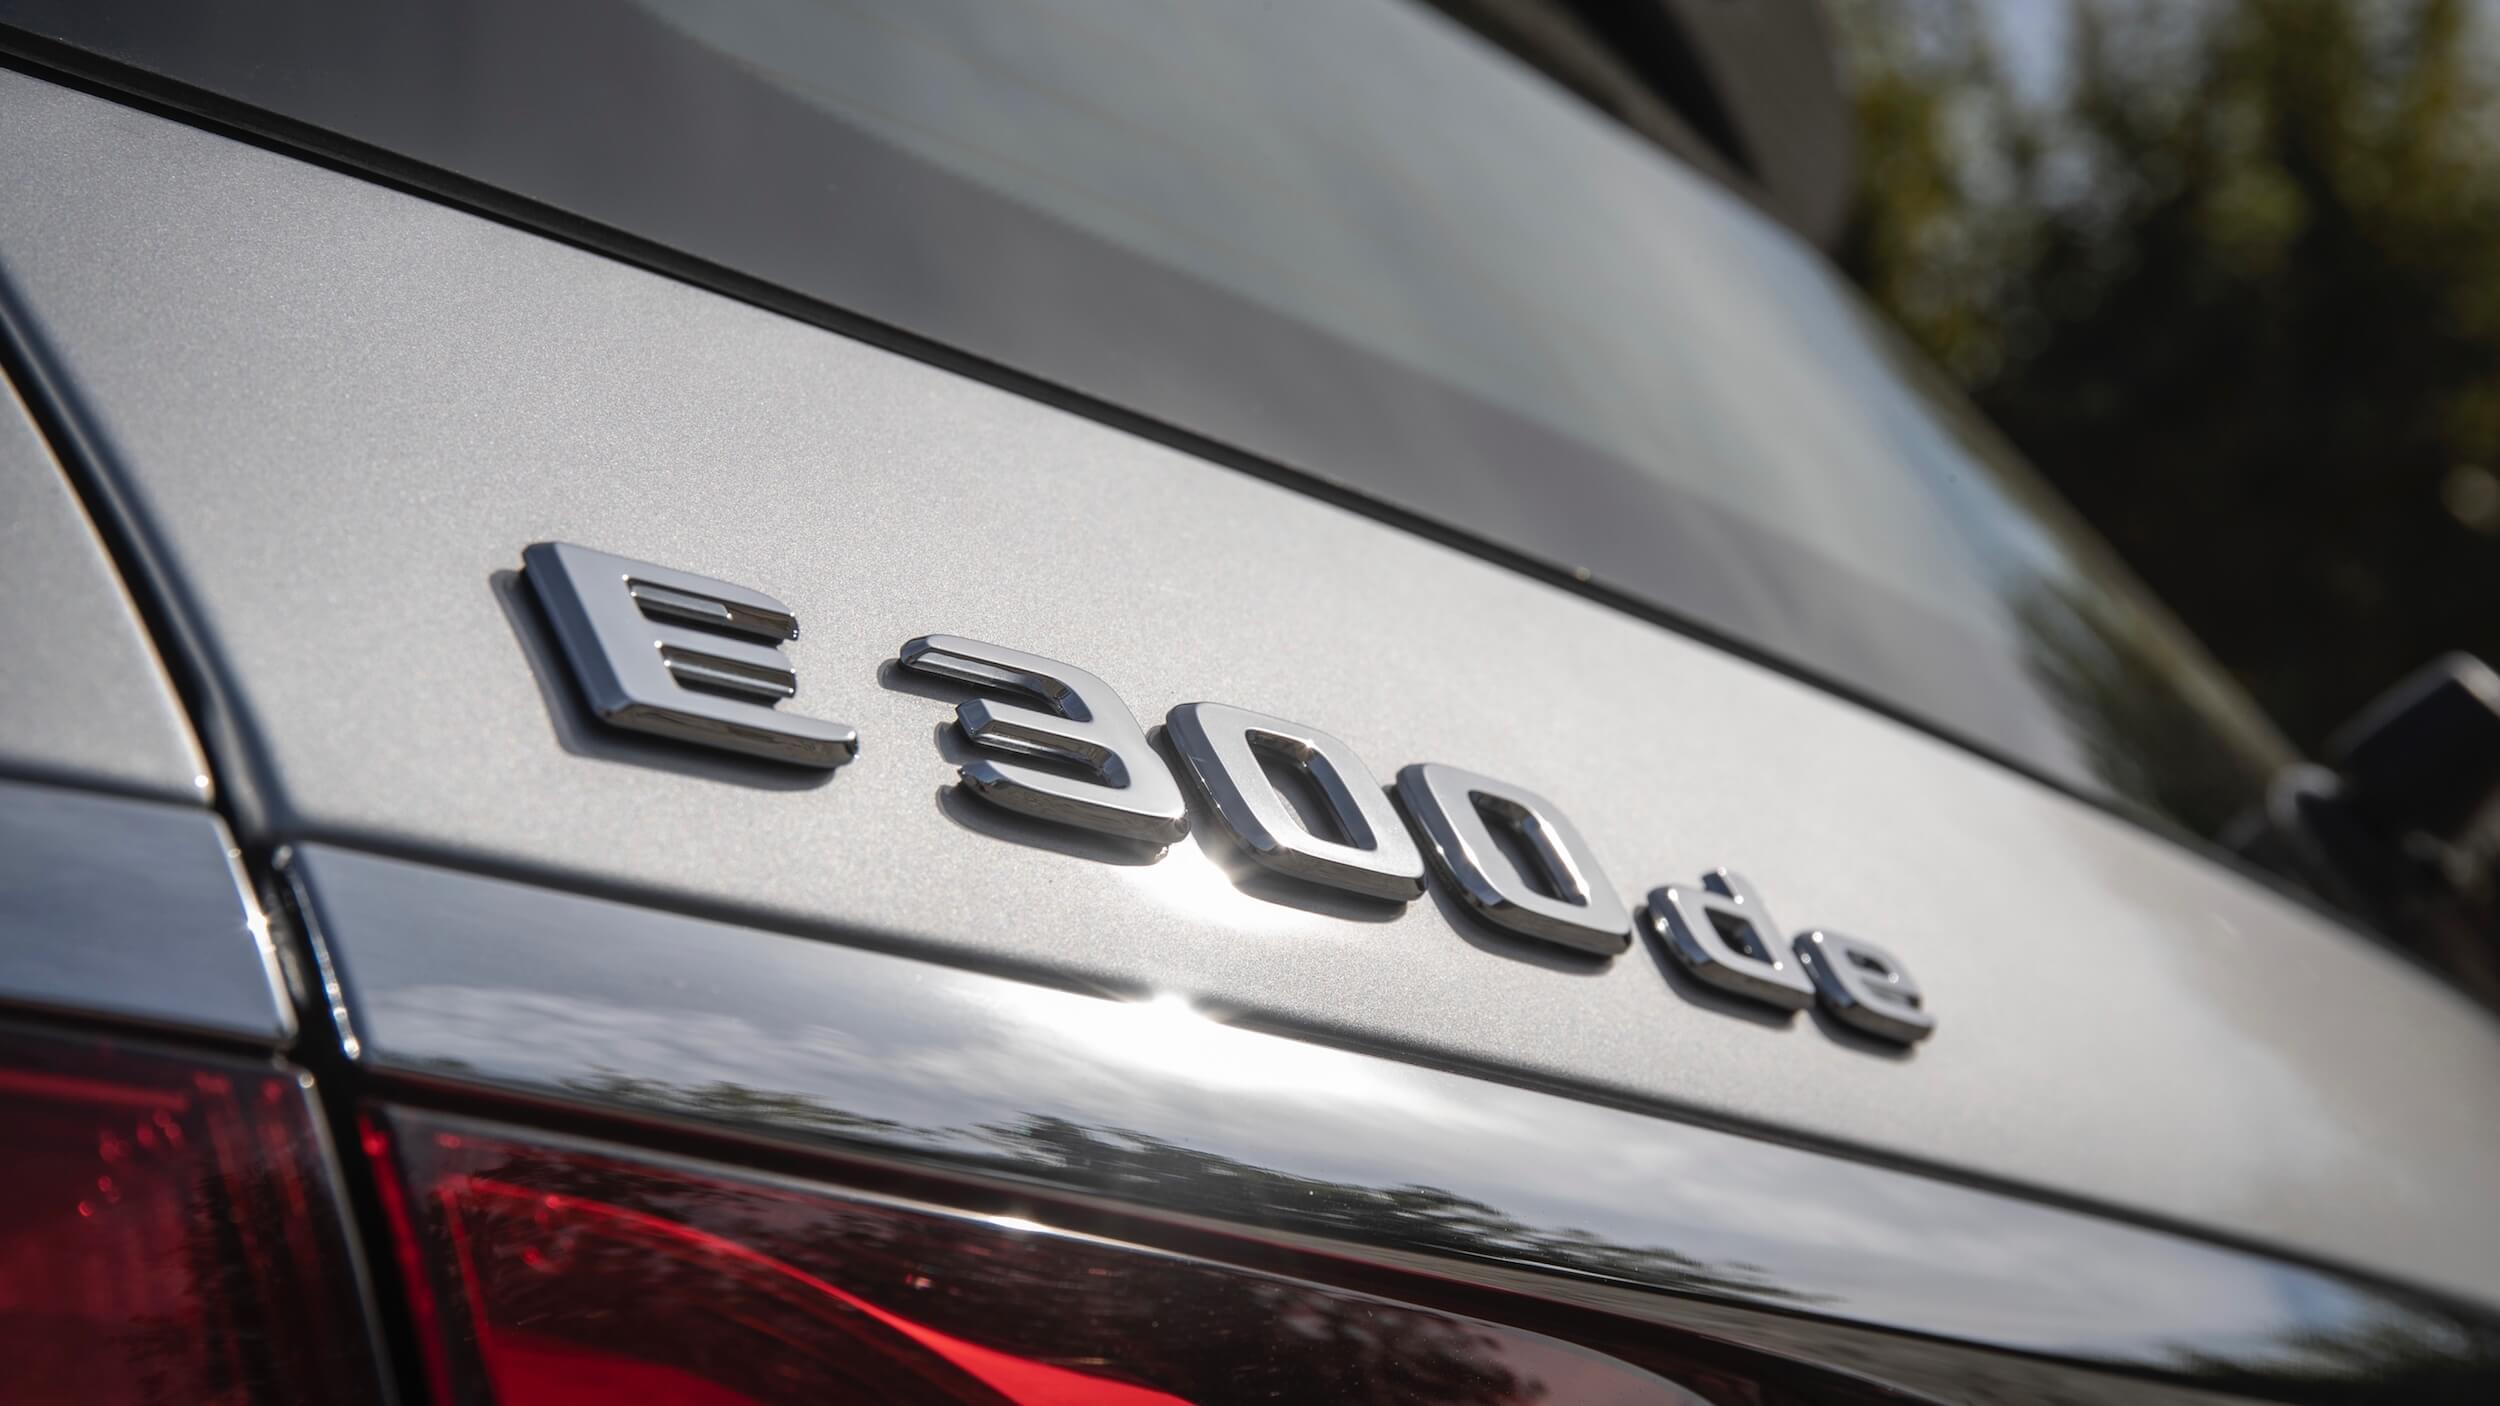 Mercedes E 300de badge